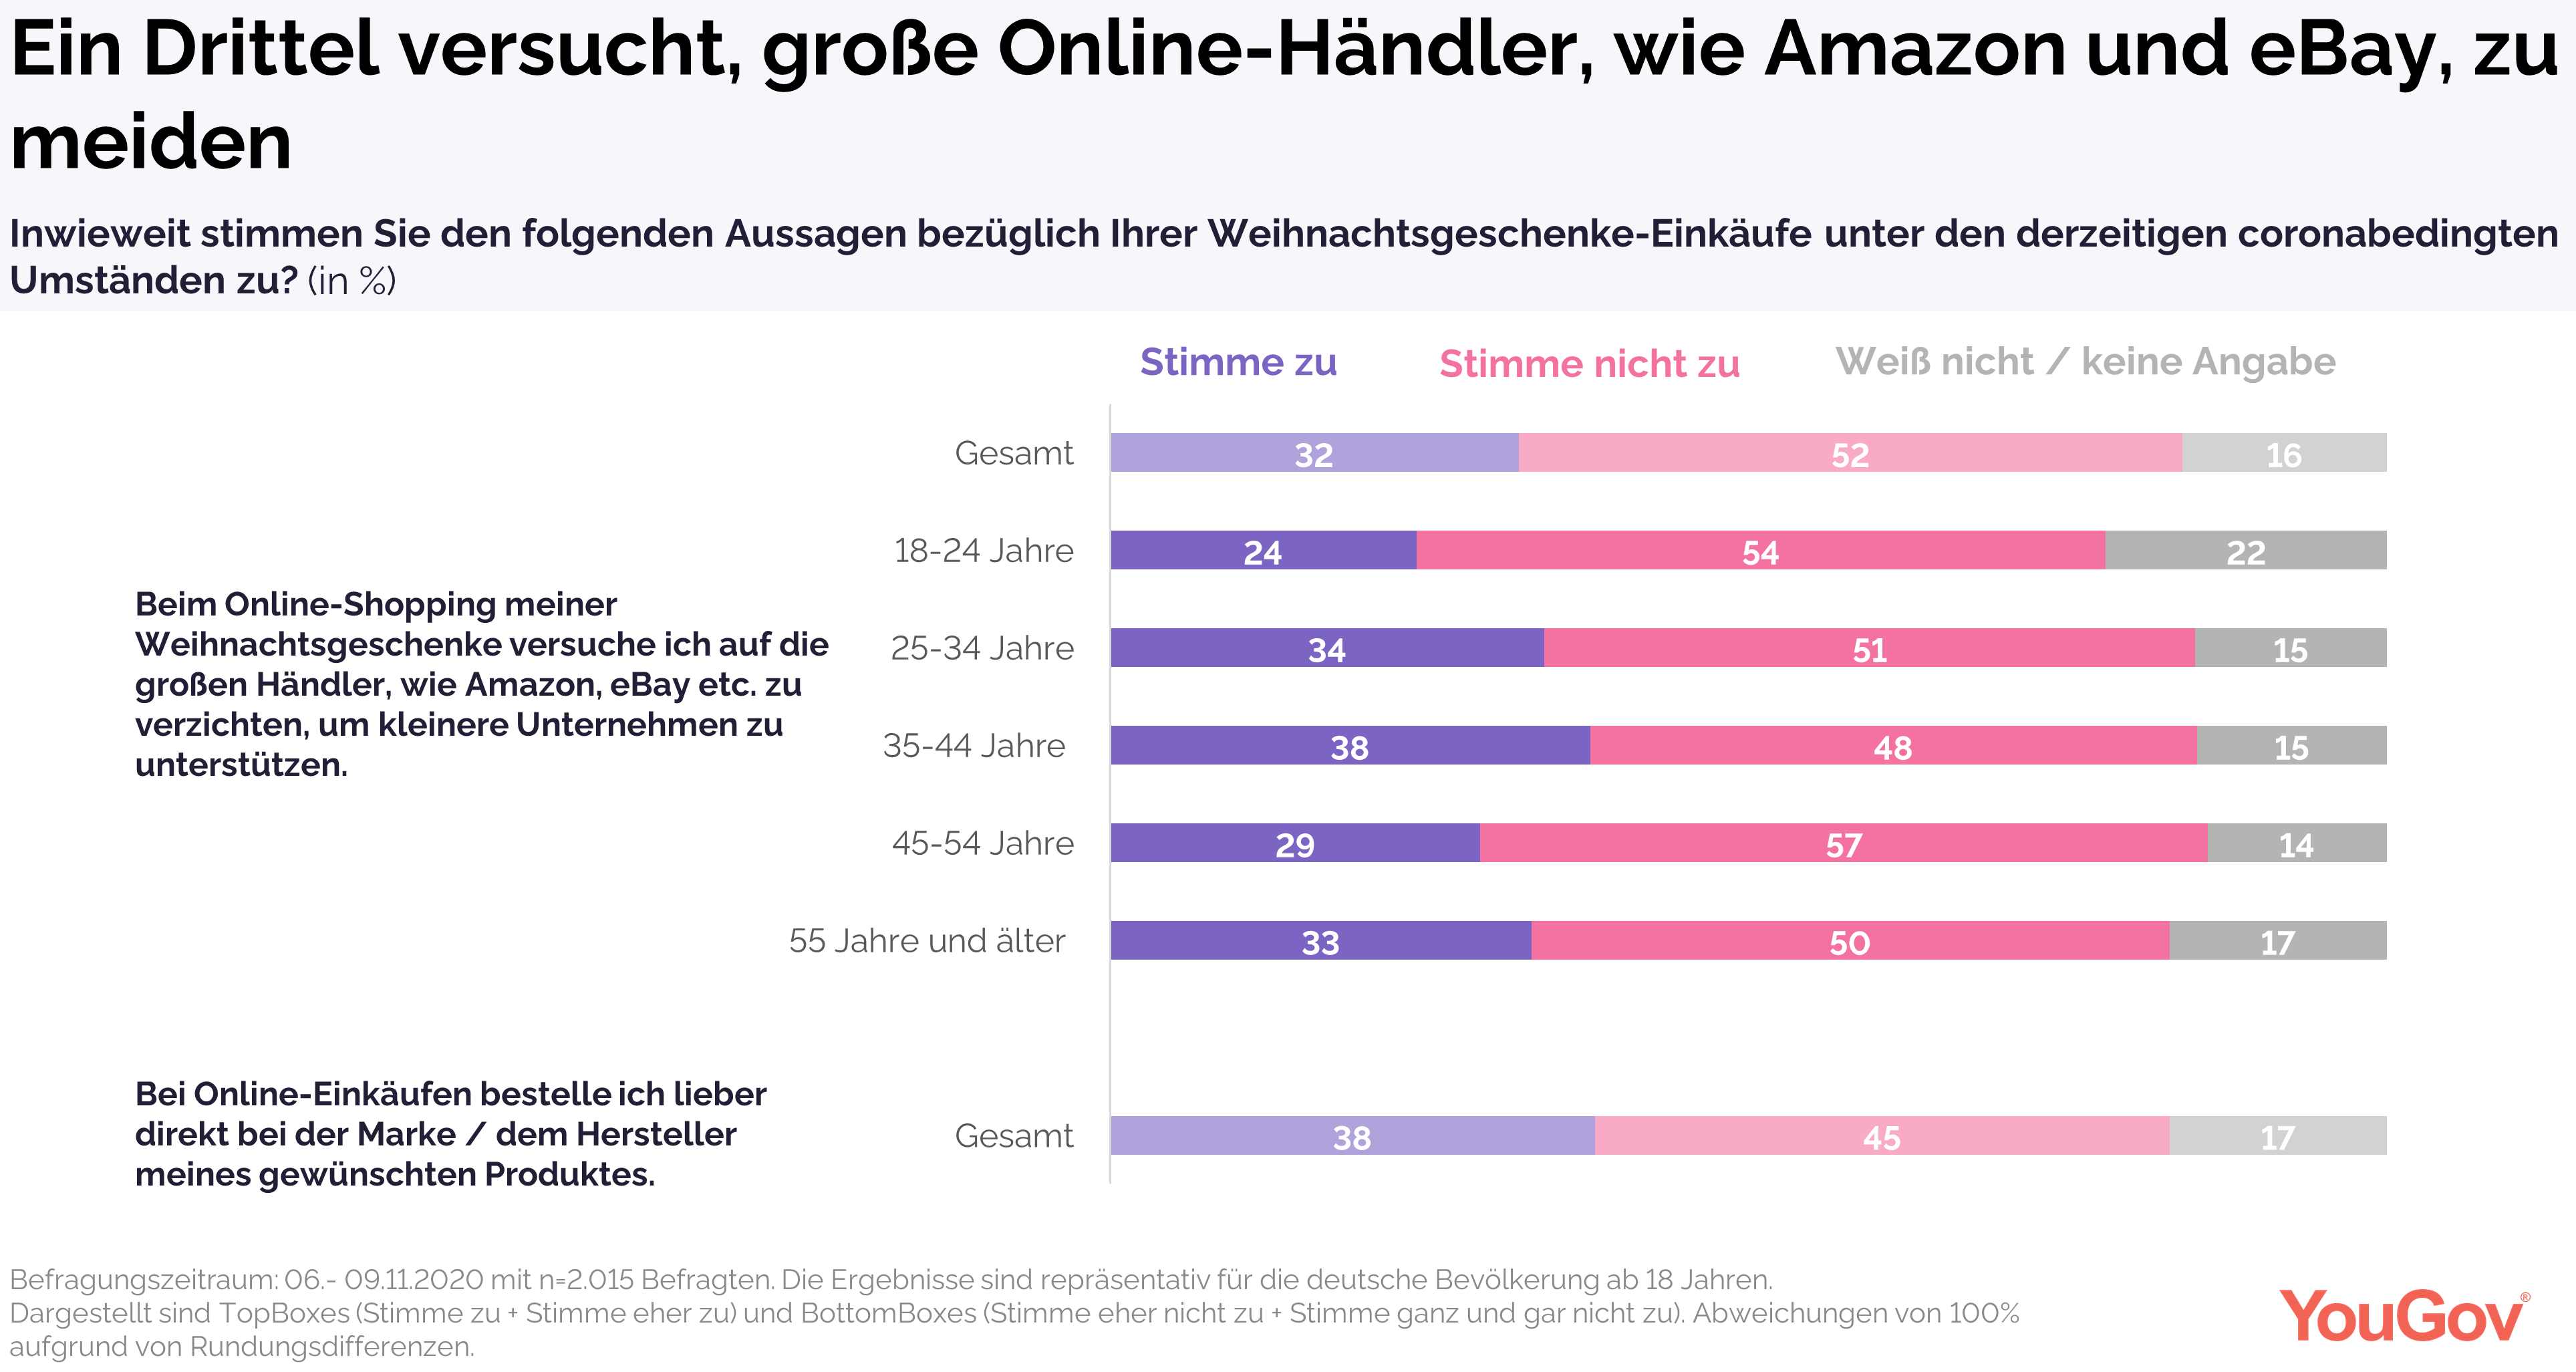 Ein Drittel versucht auf Amazon oder eBay zu verzichten